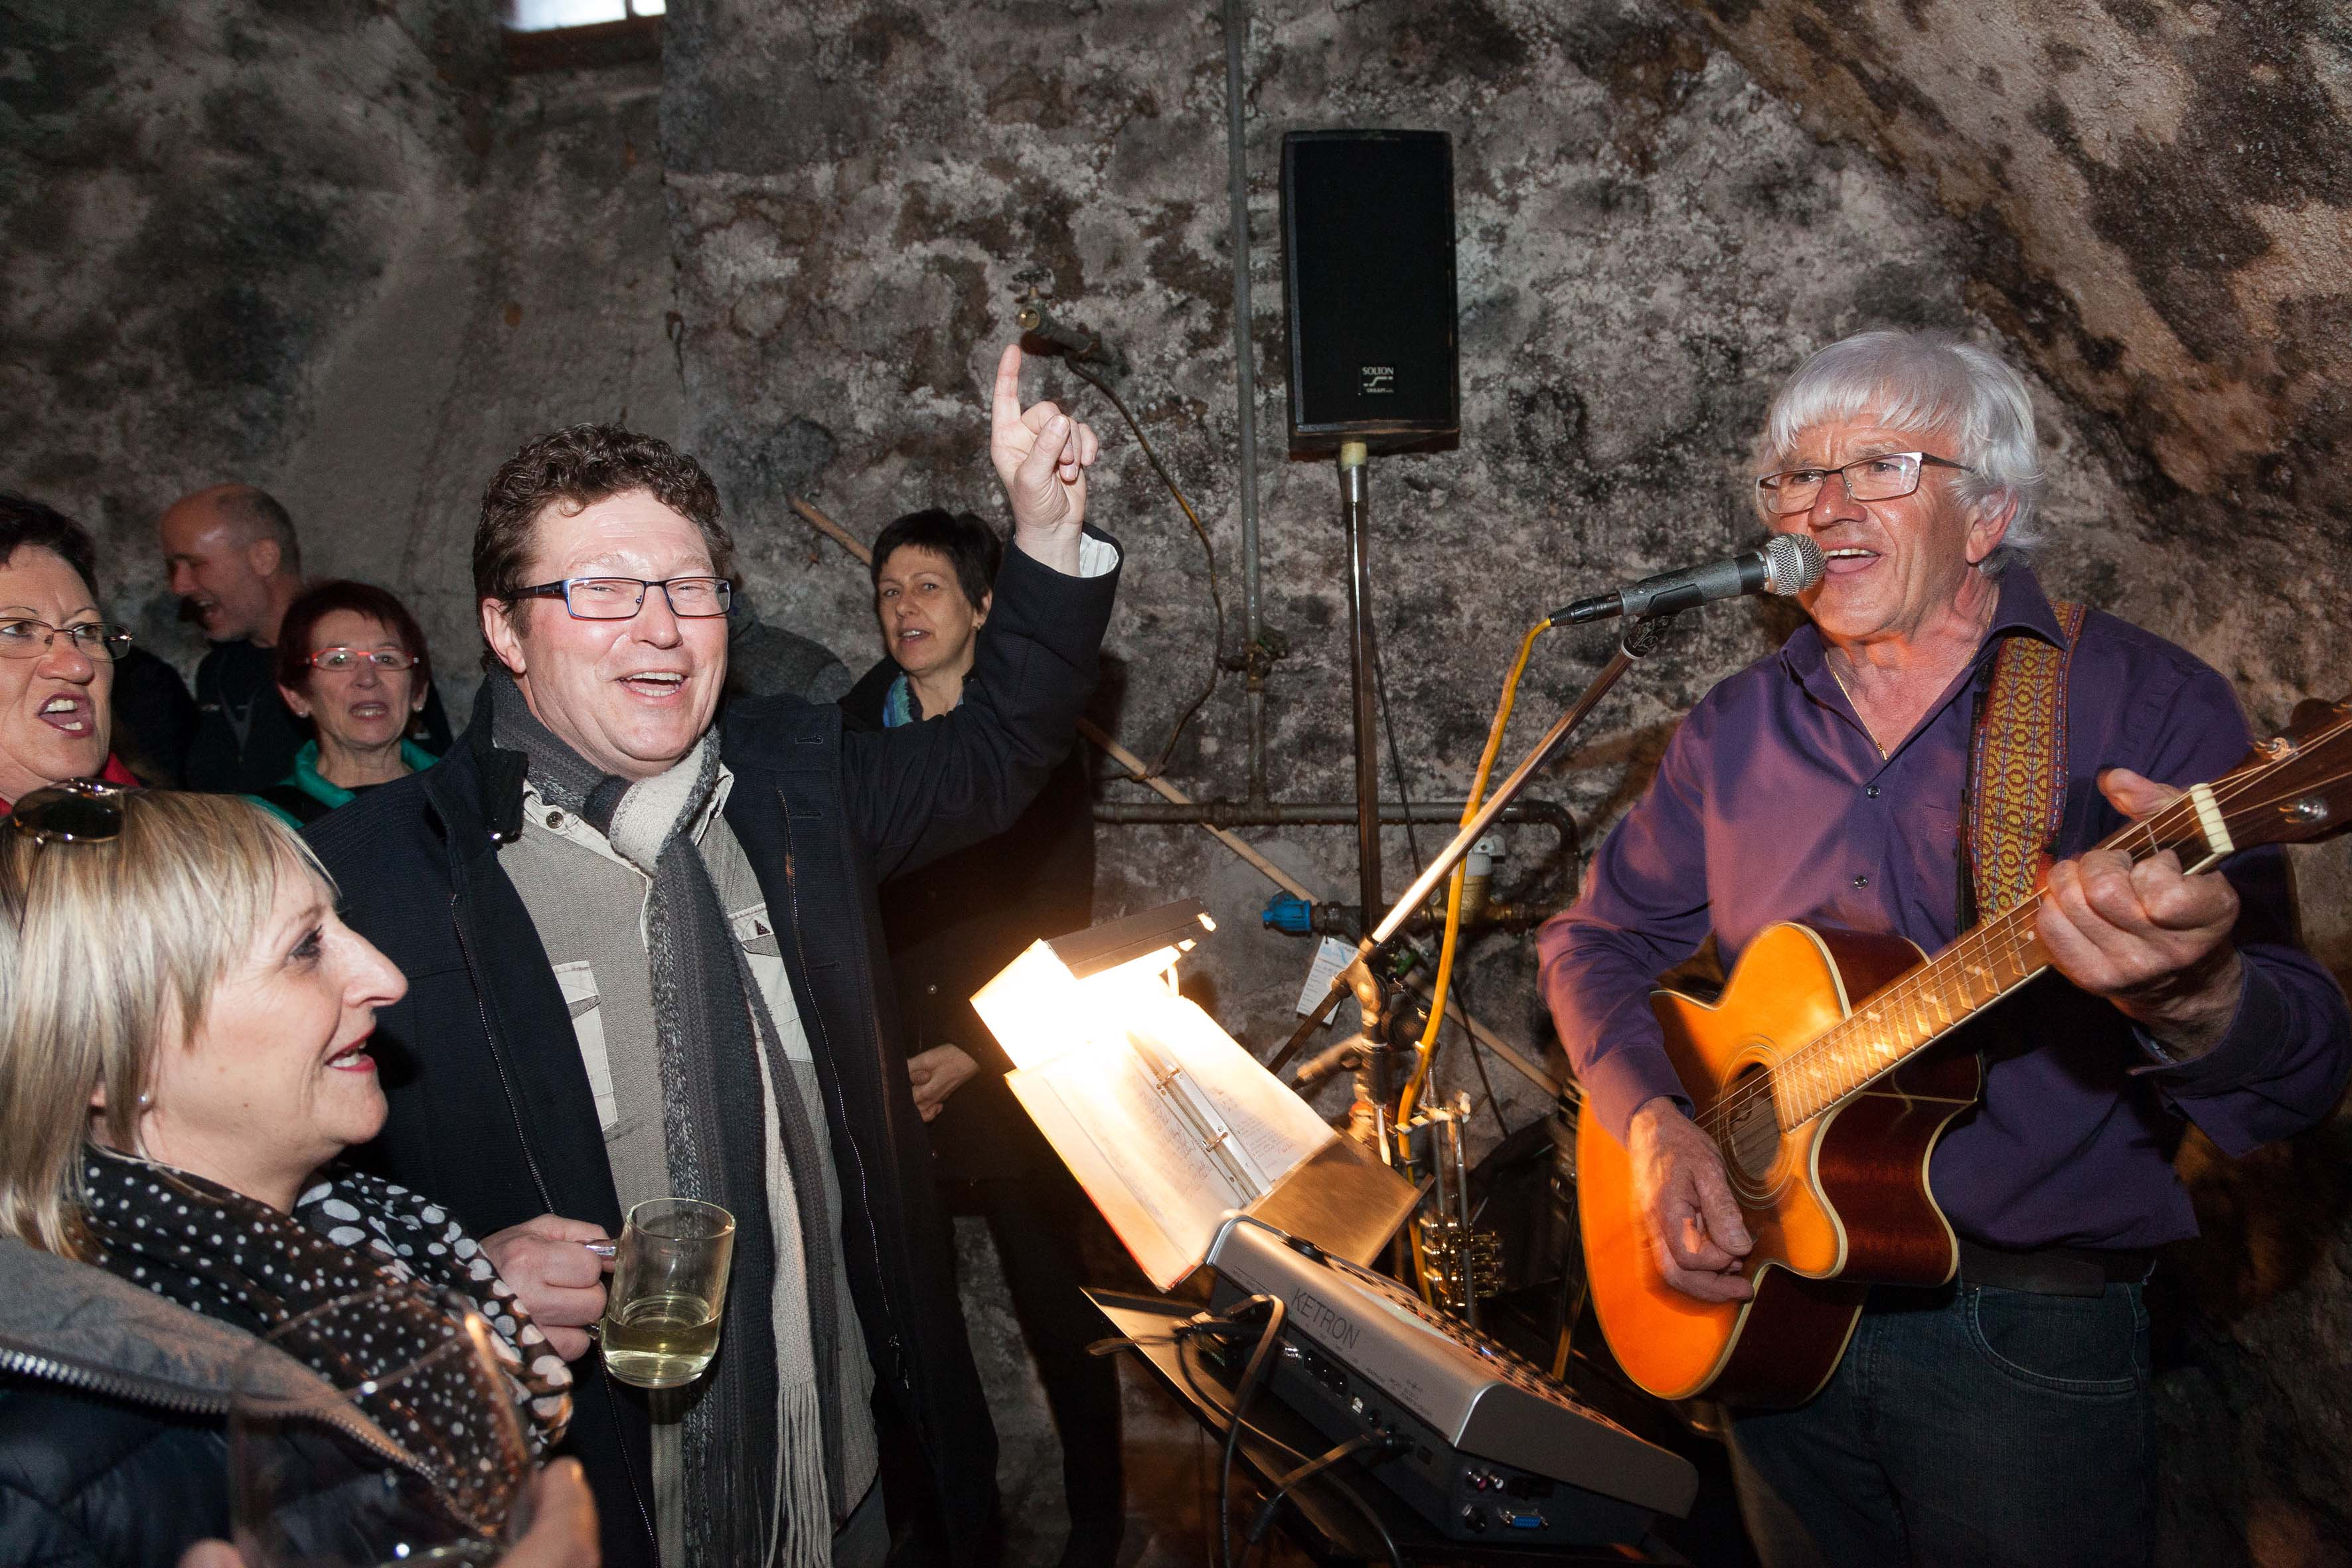 Livemusik und gut gelaunte Besucher sorgten für ein geselliges Beisammensein. © Dietmar Mathis